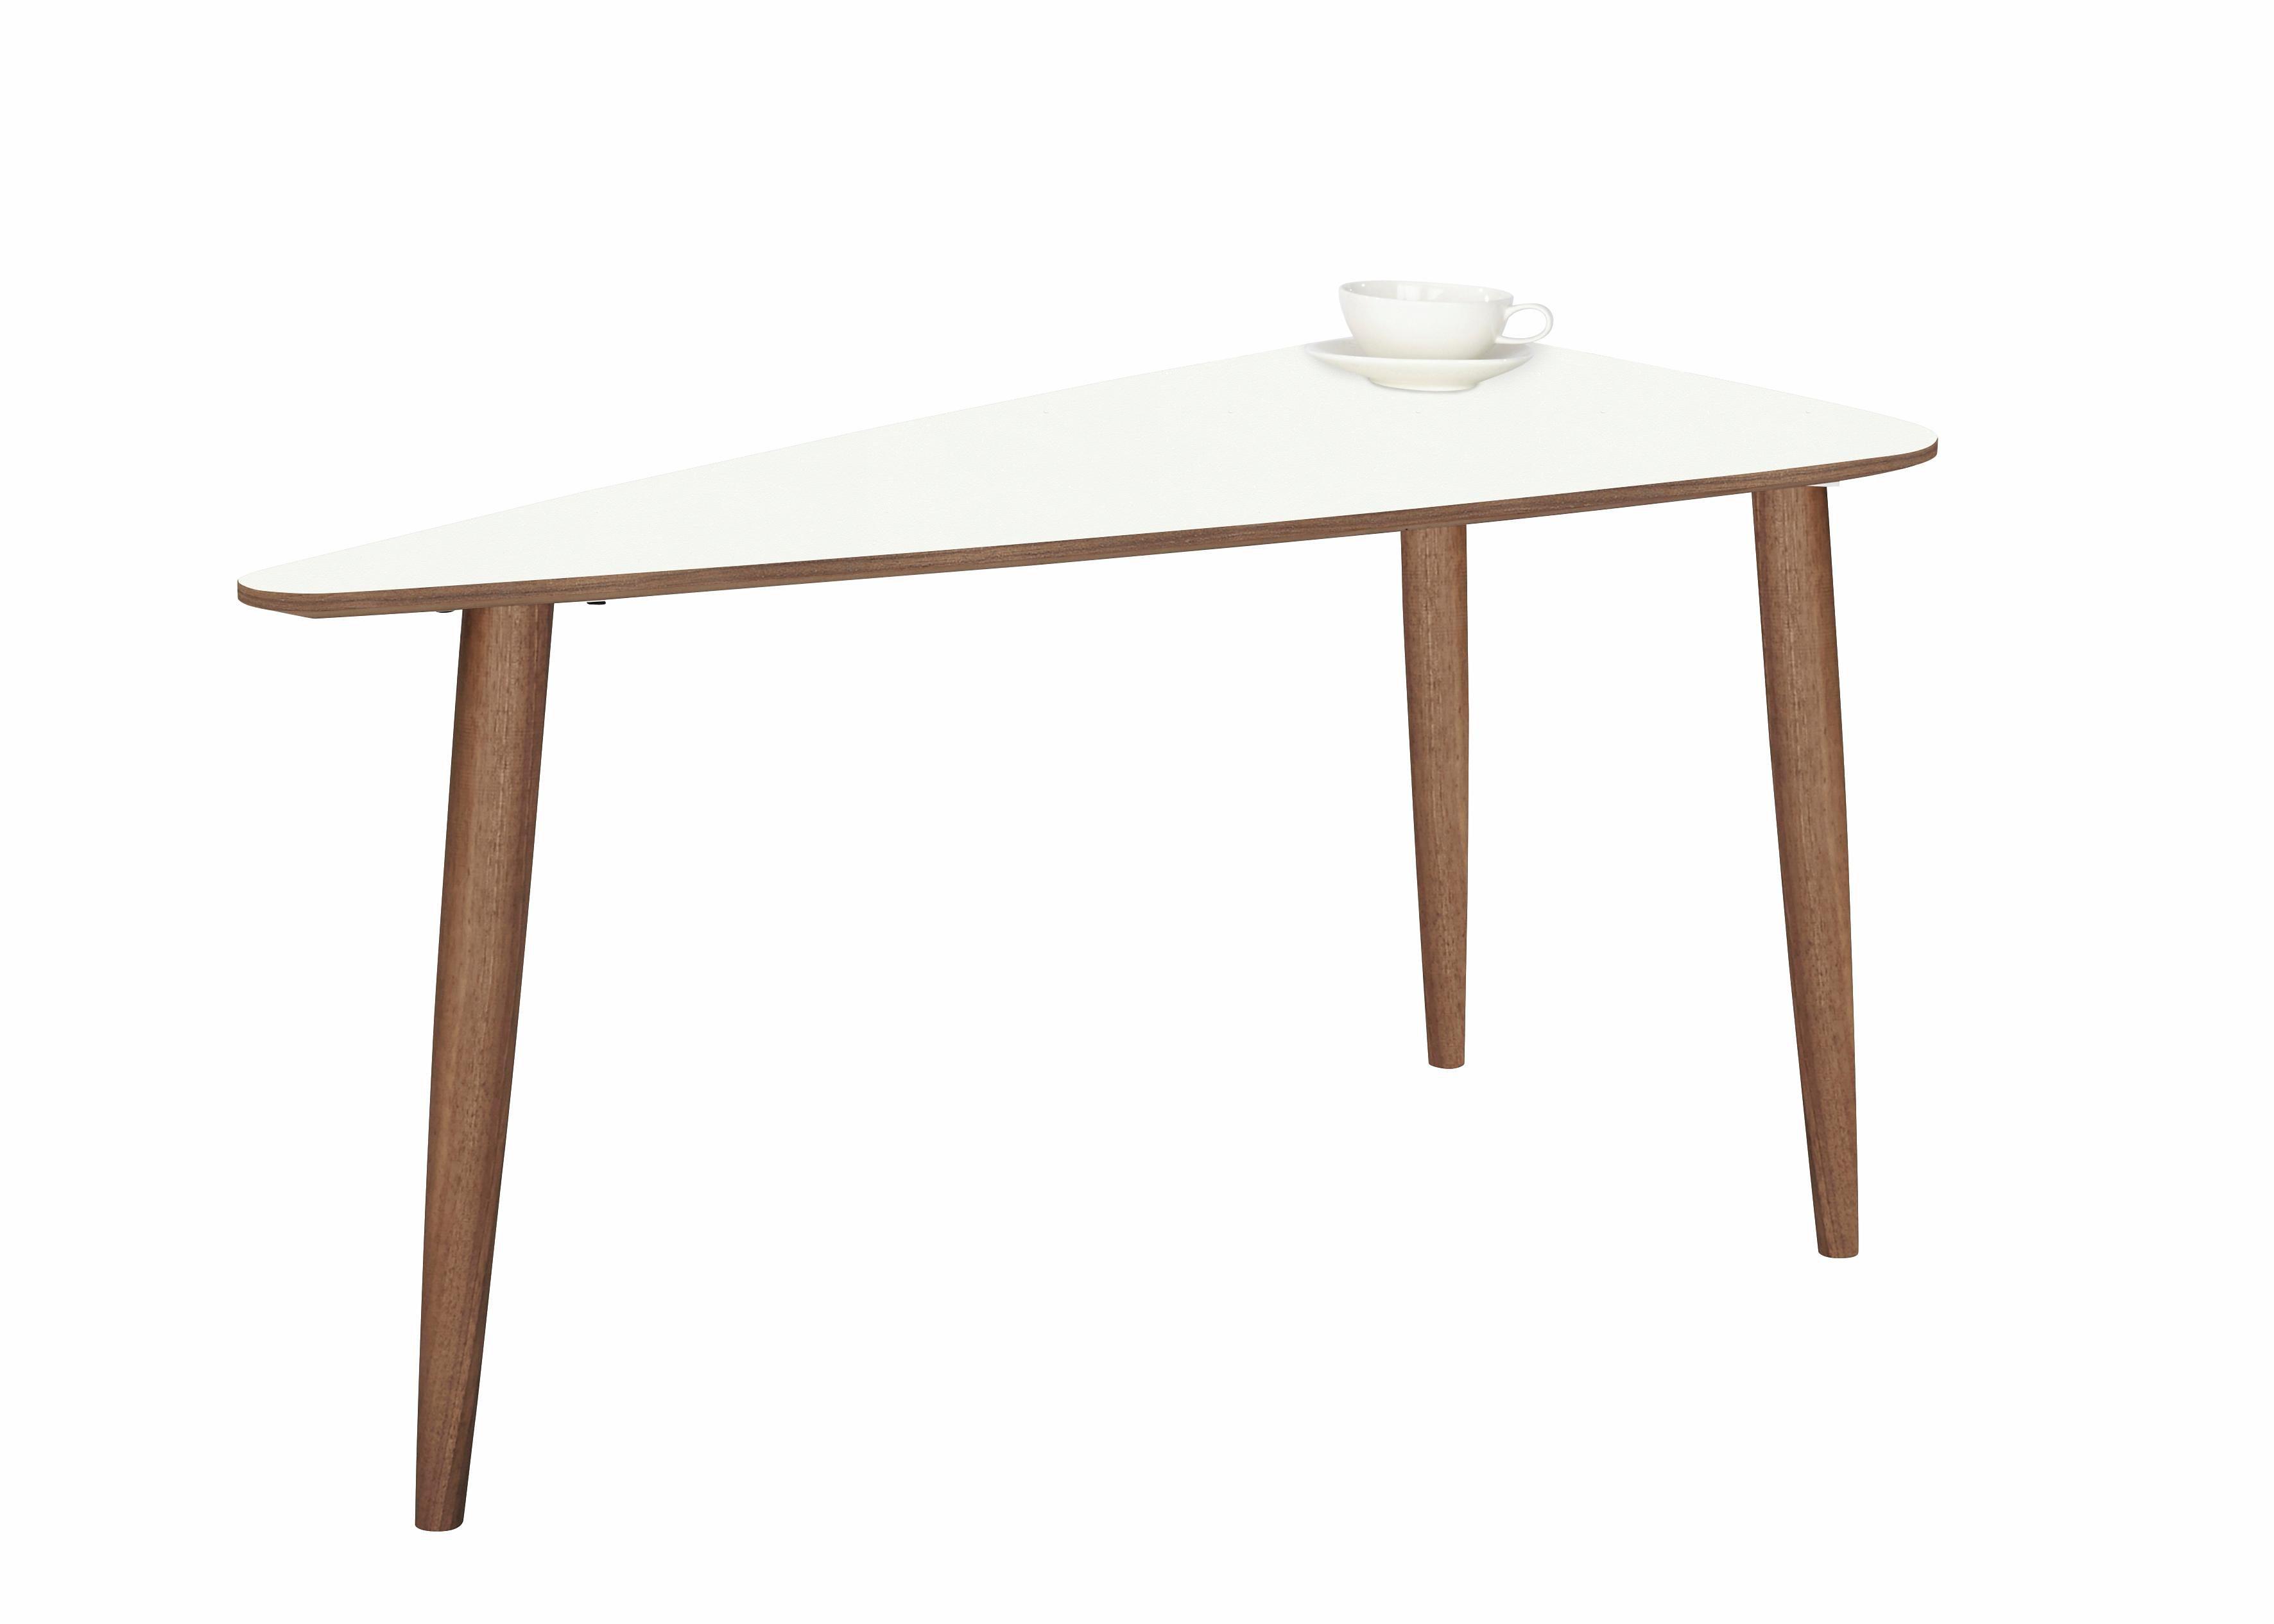 Image of andas Couchtisch »Jib« walnut massiv, mit segelförmiger Tischplatte in zwei Höhen